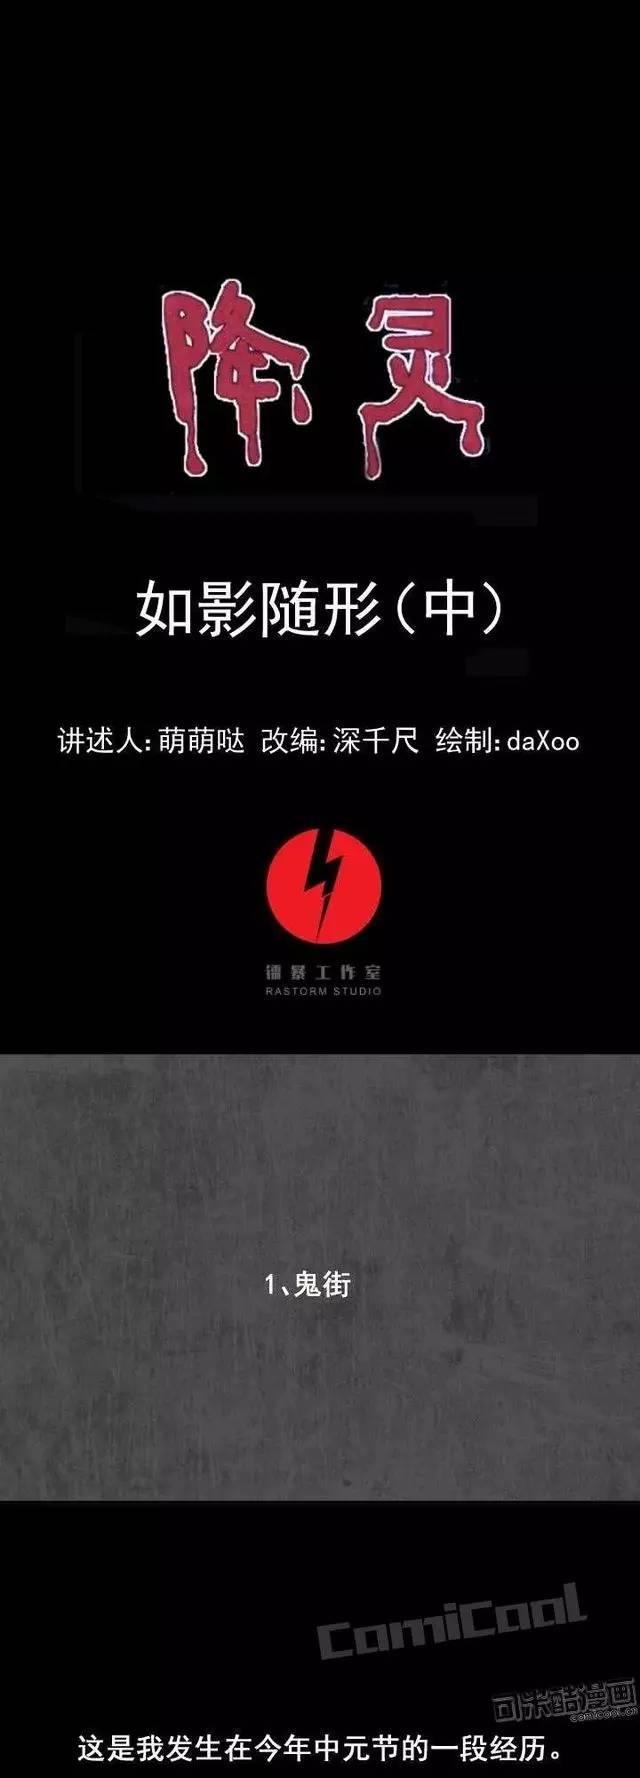 恐怖漫画《漫画鬼》-搜狐by影子再一次来图片